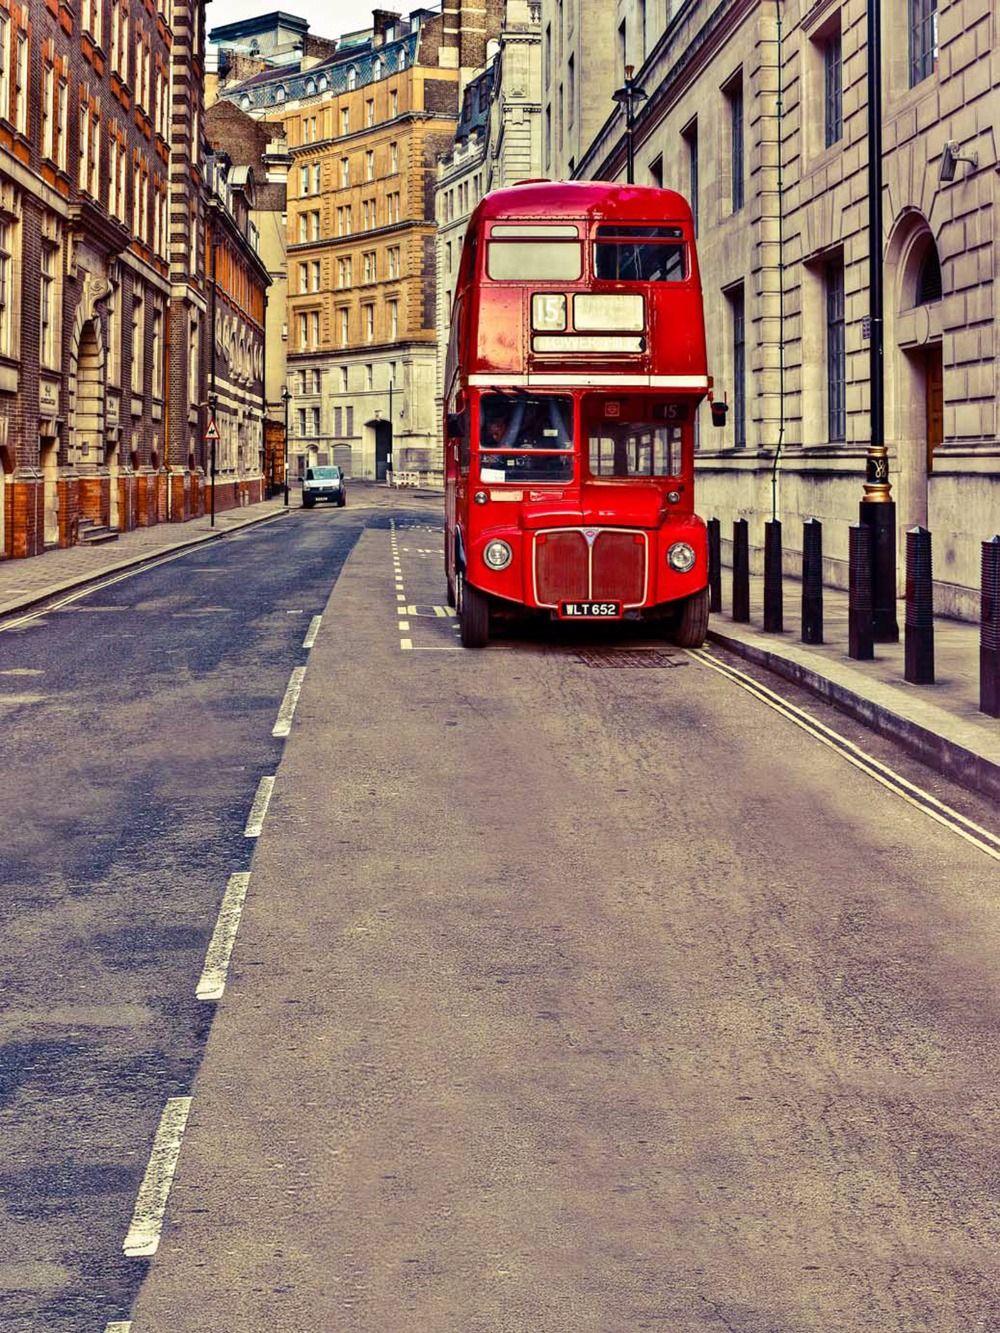 Европейская Уличная фотография фонов винил ткань старинные здания красный двухэтажный автобус дети дети свадьба фото фон открытый